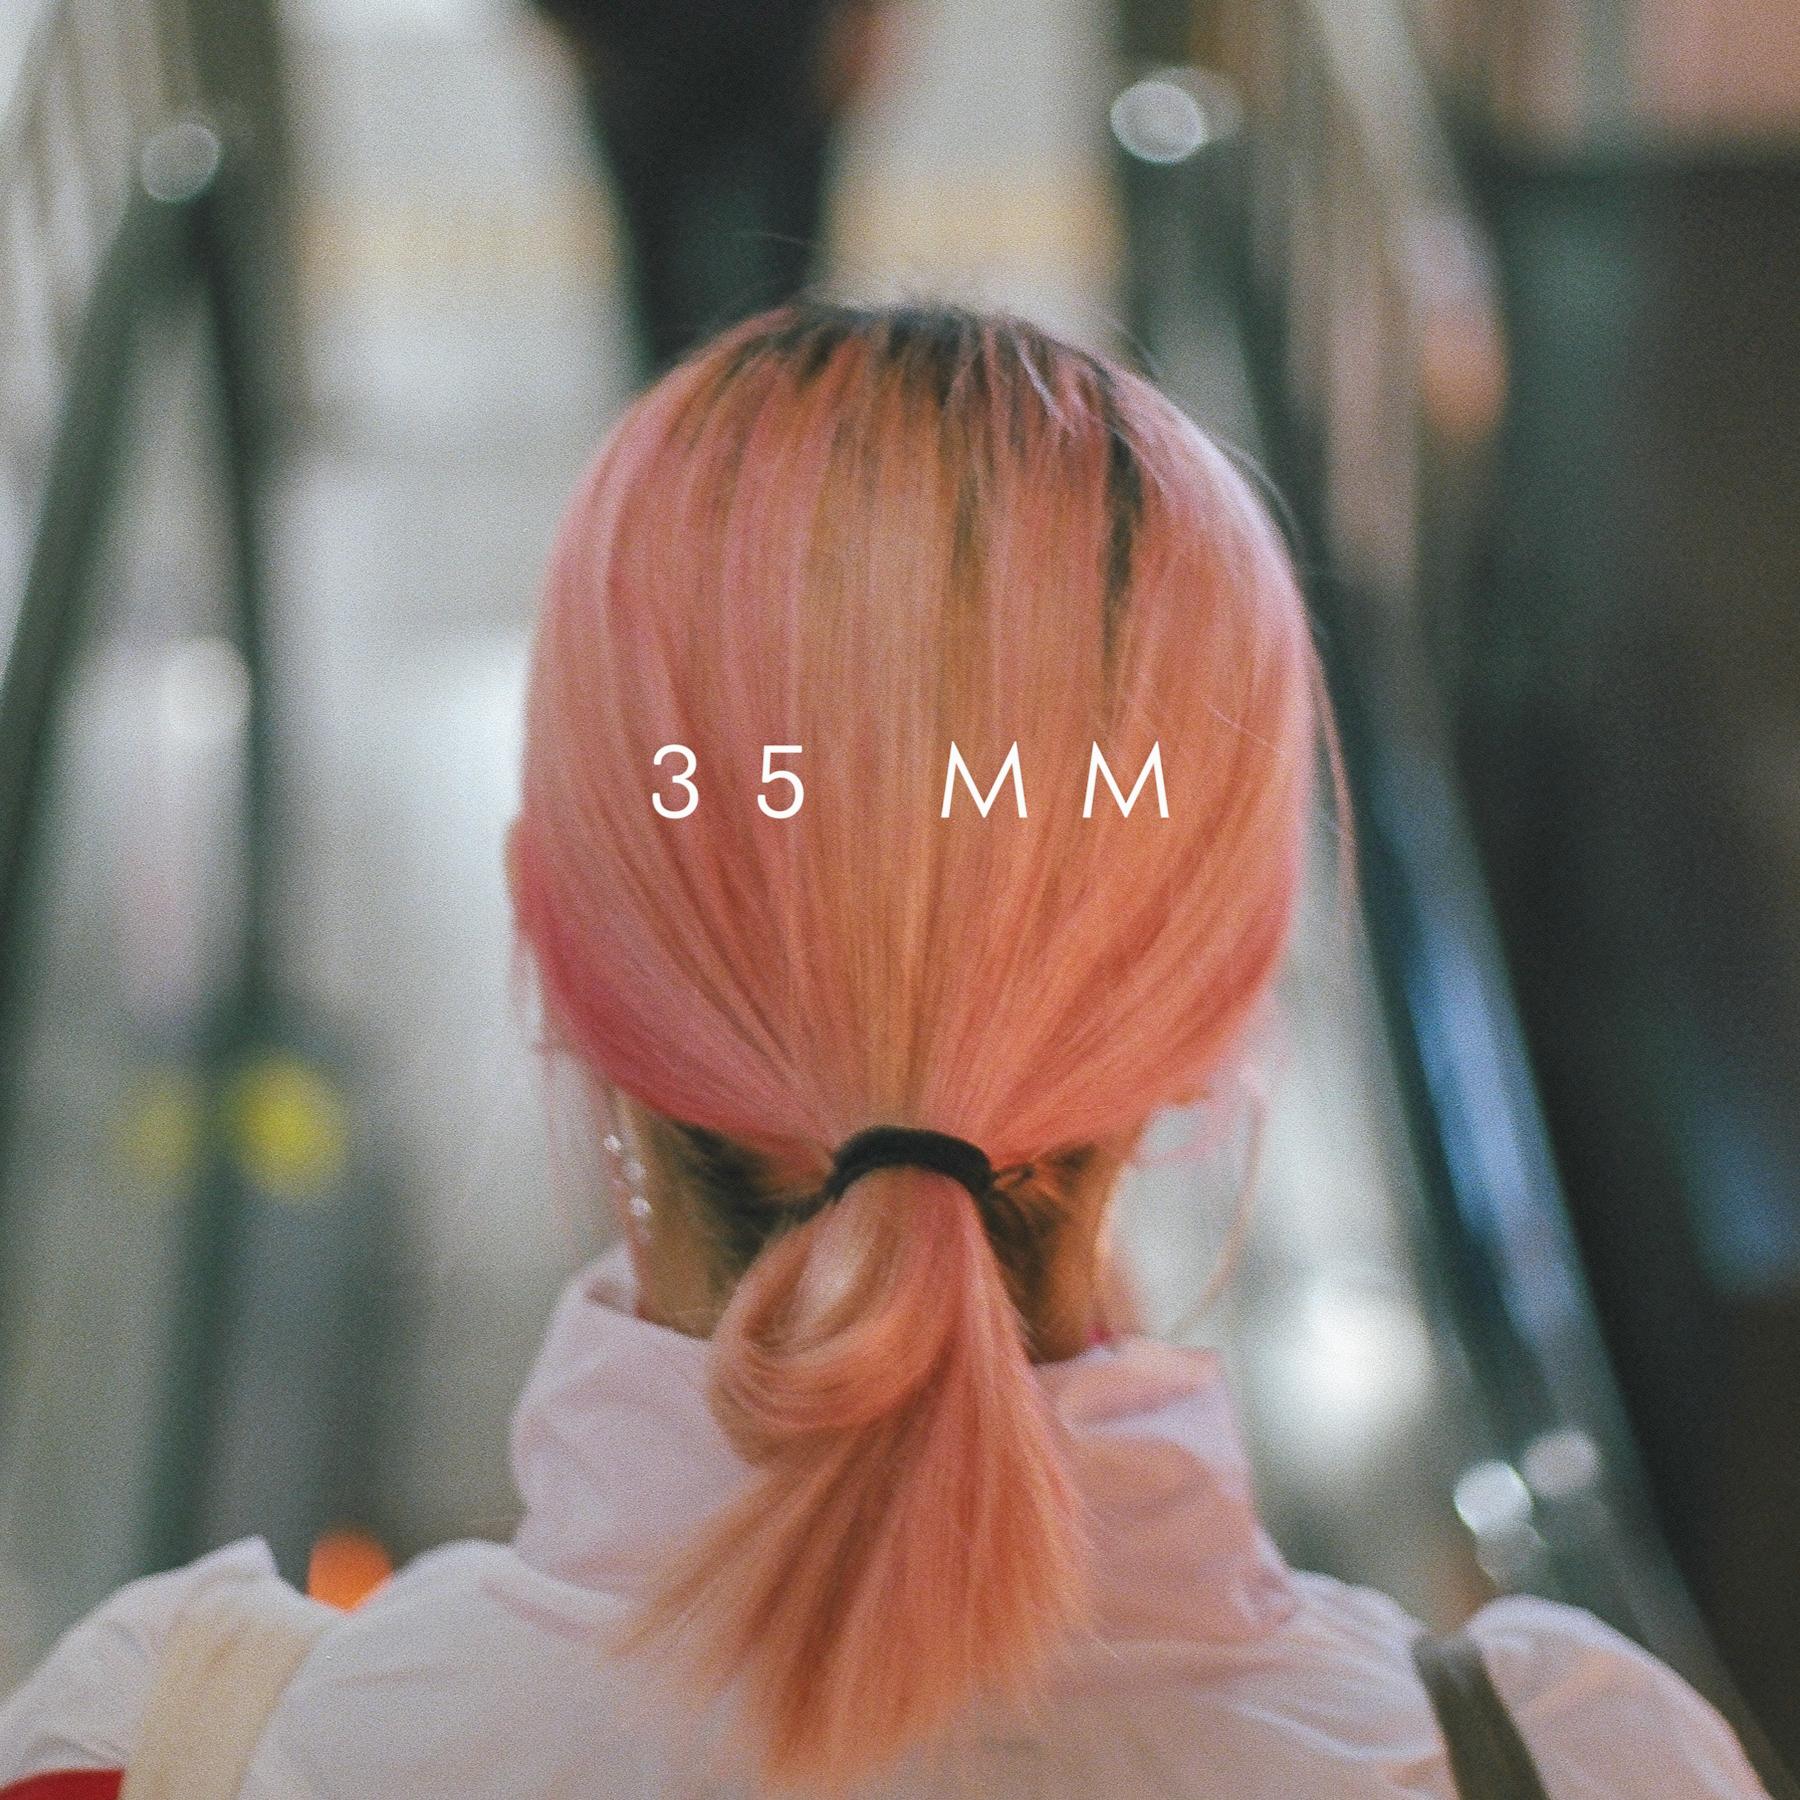 35 MM COVER0.jpg